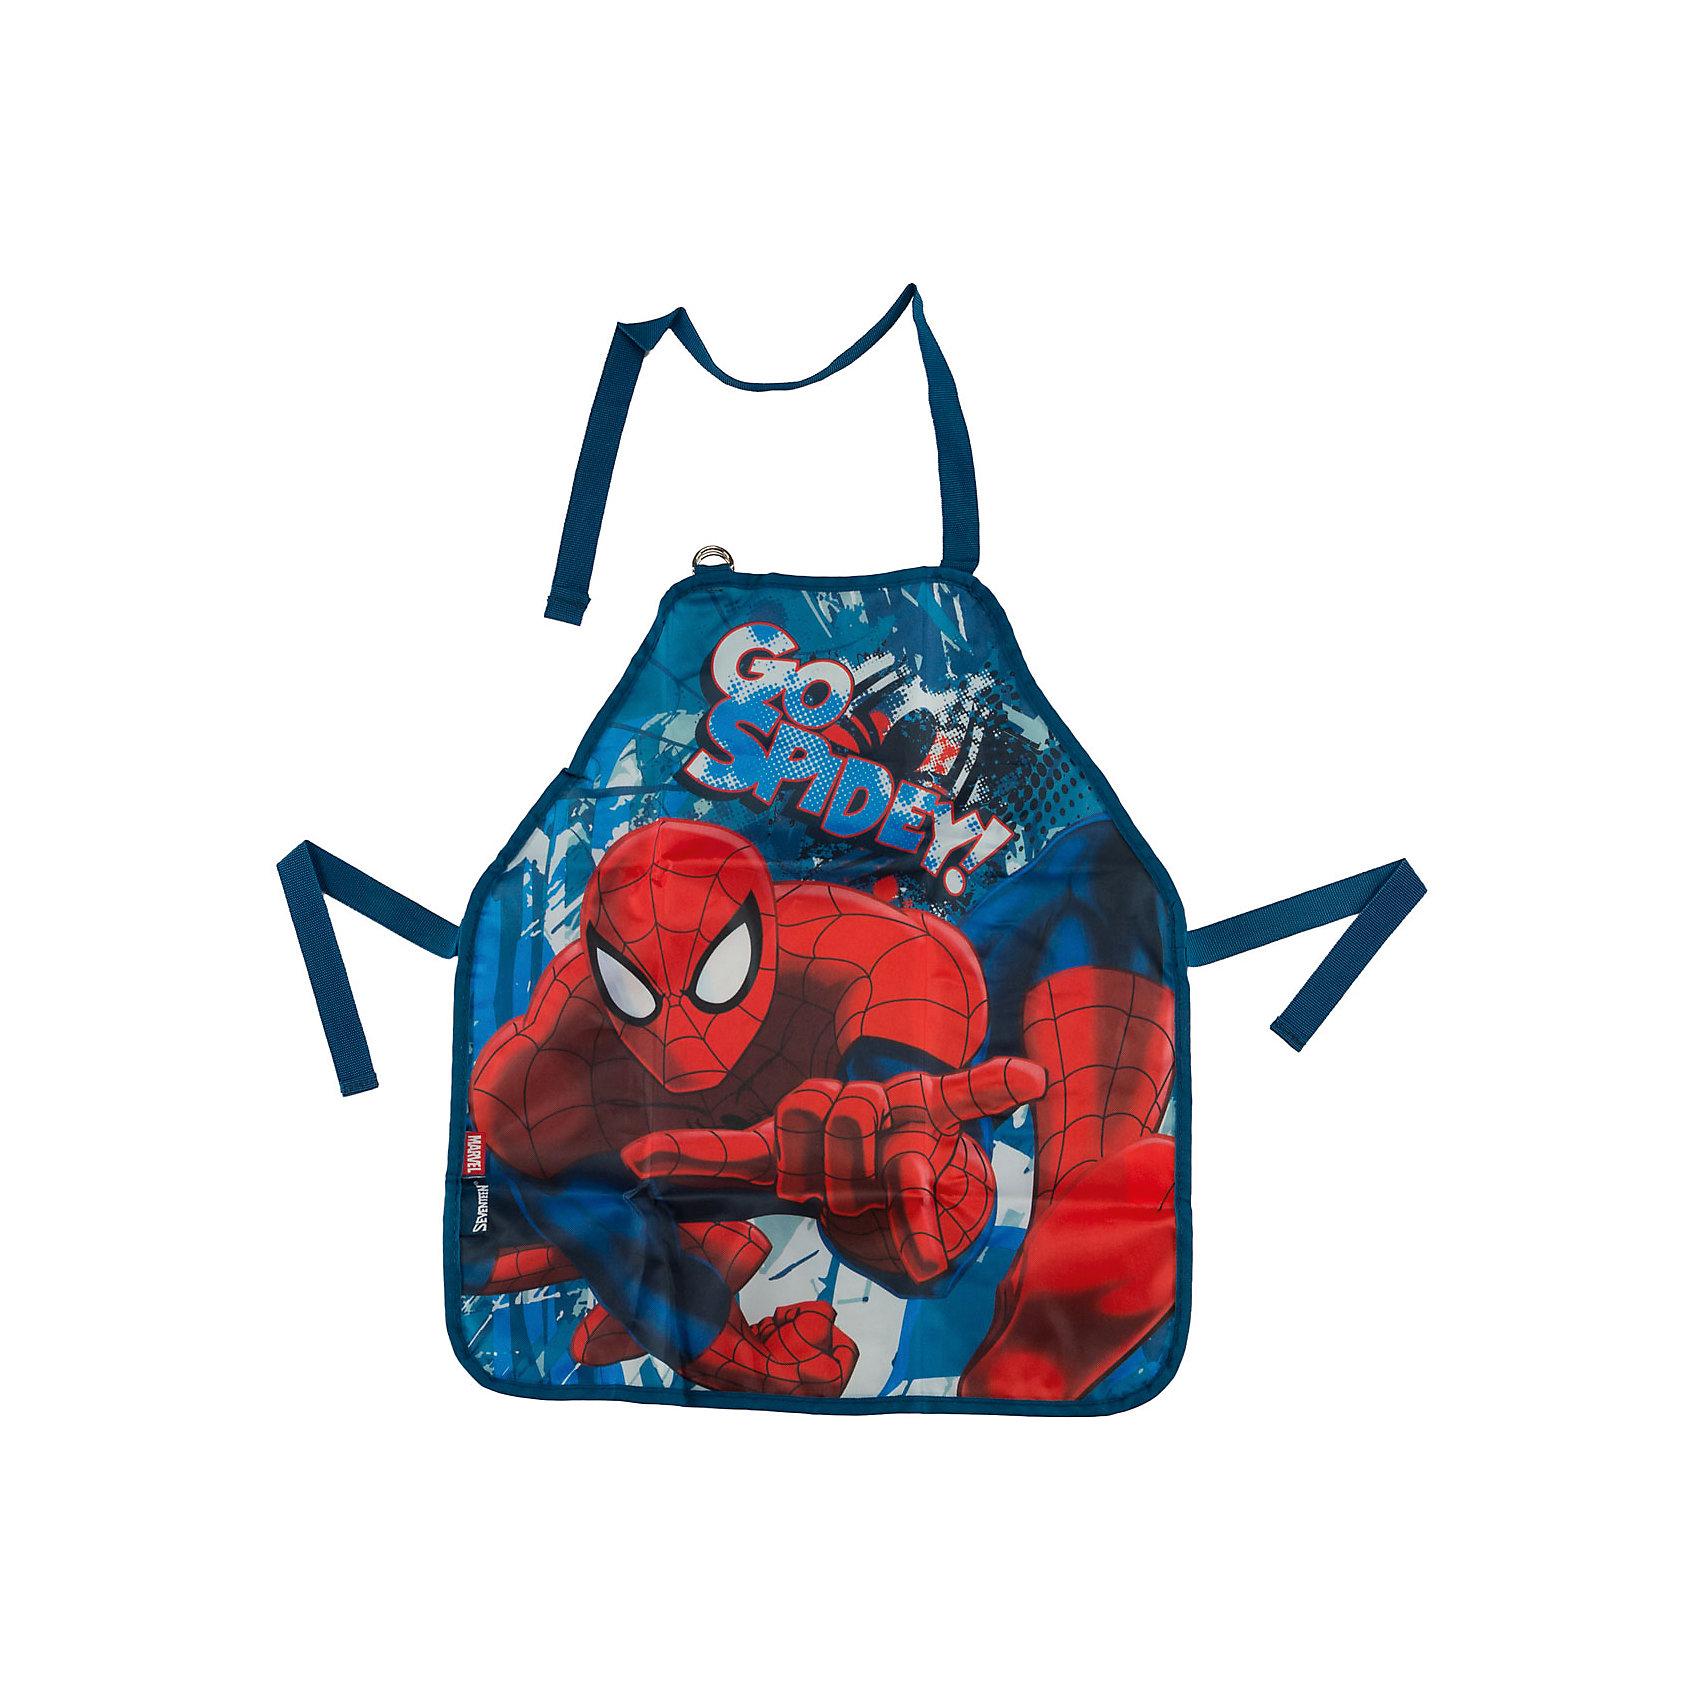 Академия групп Фартук, Человек-Паук академия групп набор канцелярский в подарочной коробке человек паук